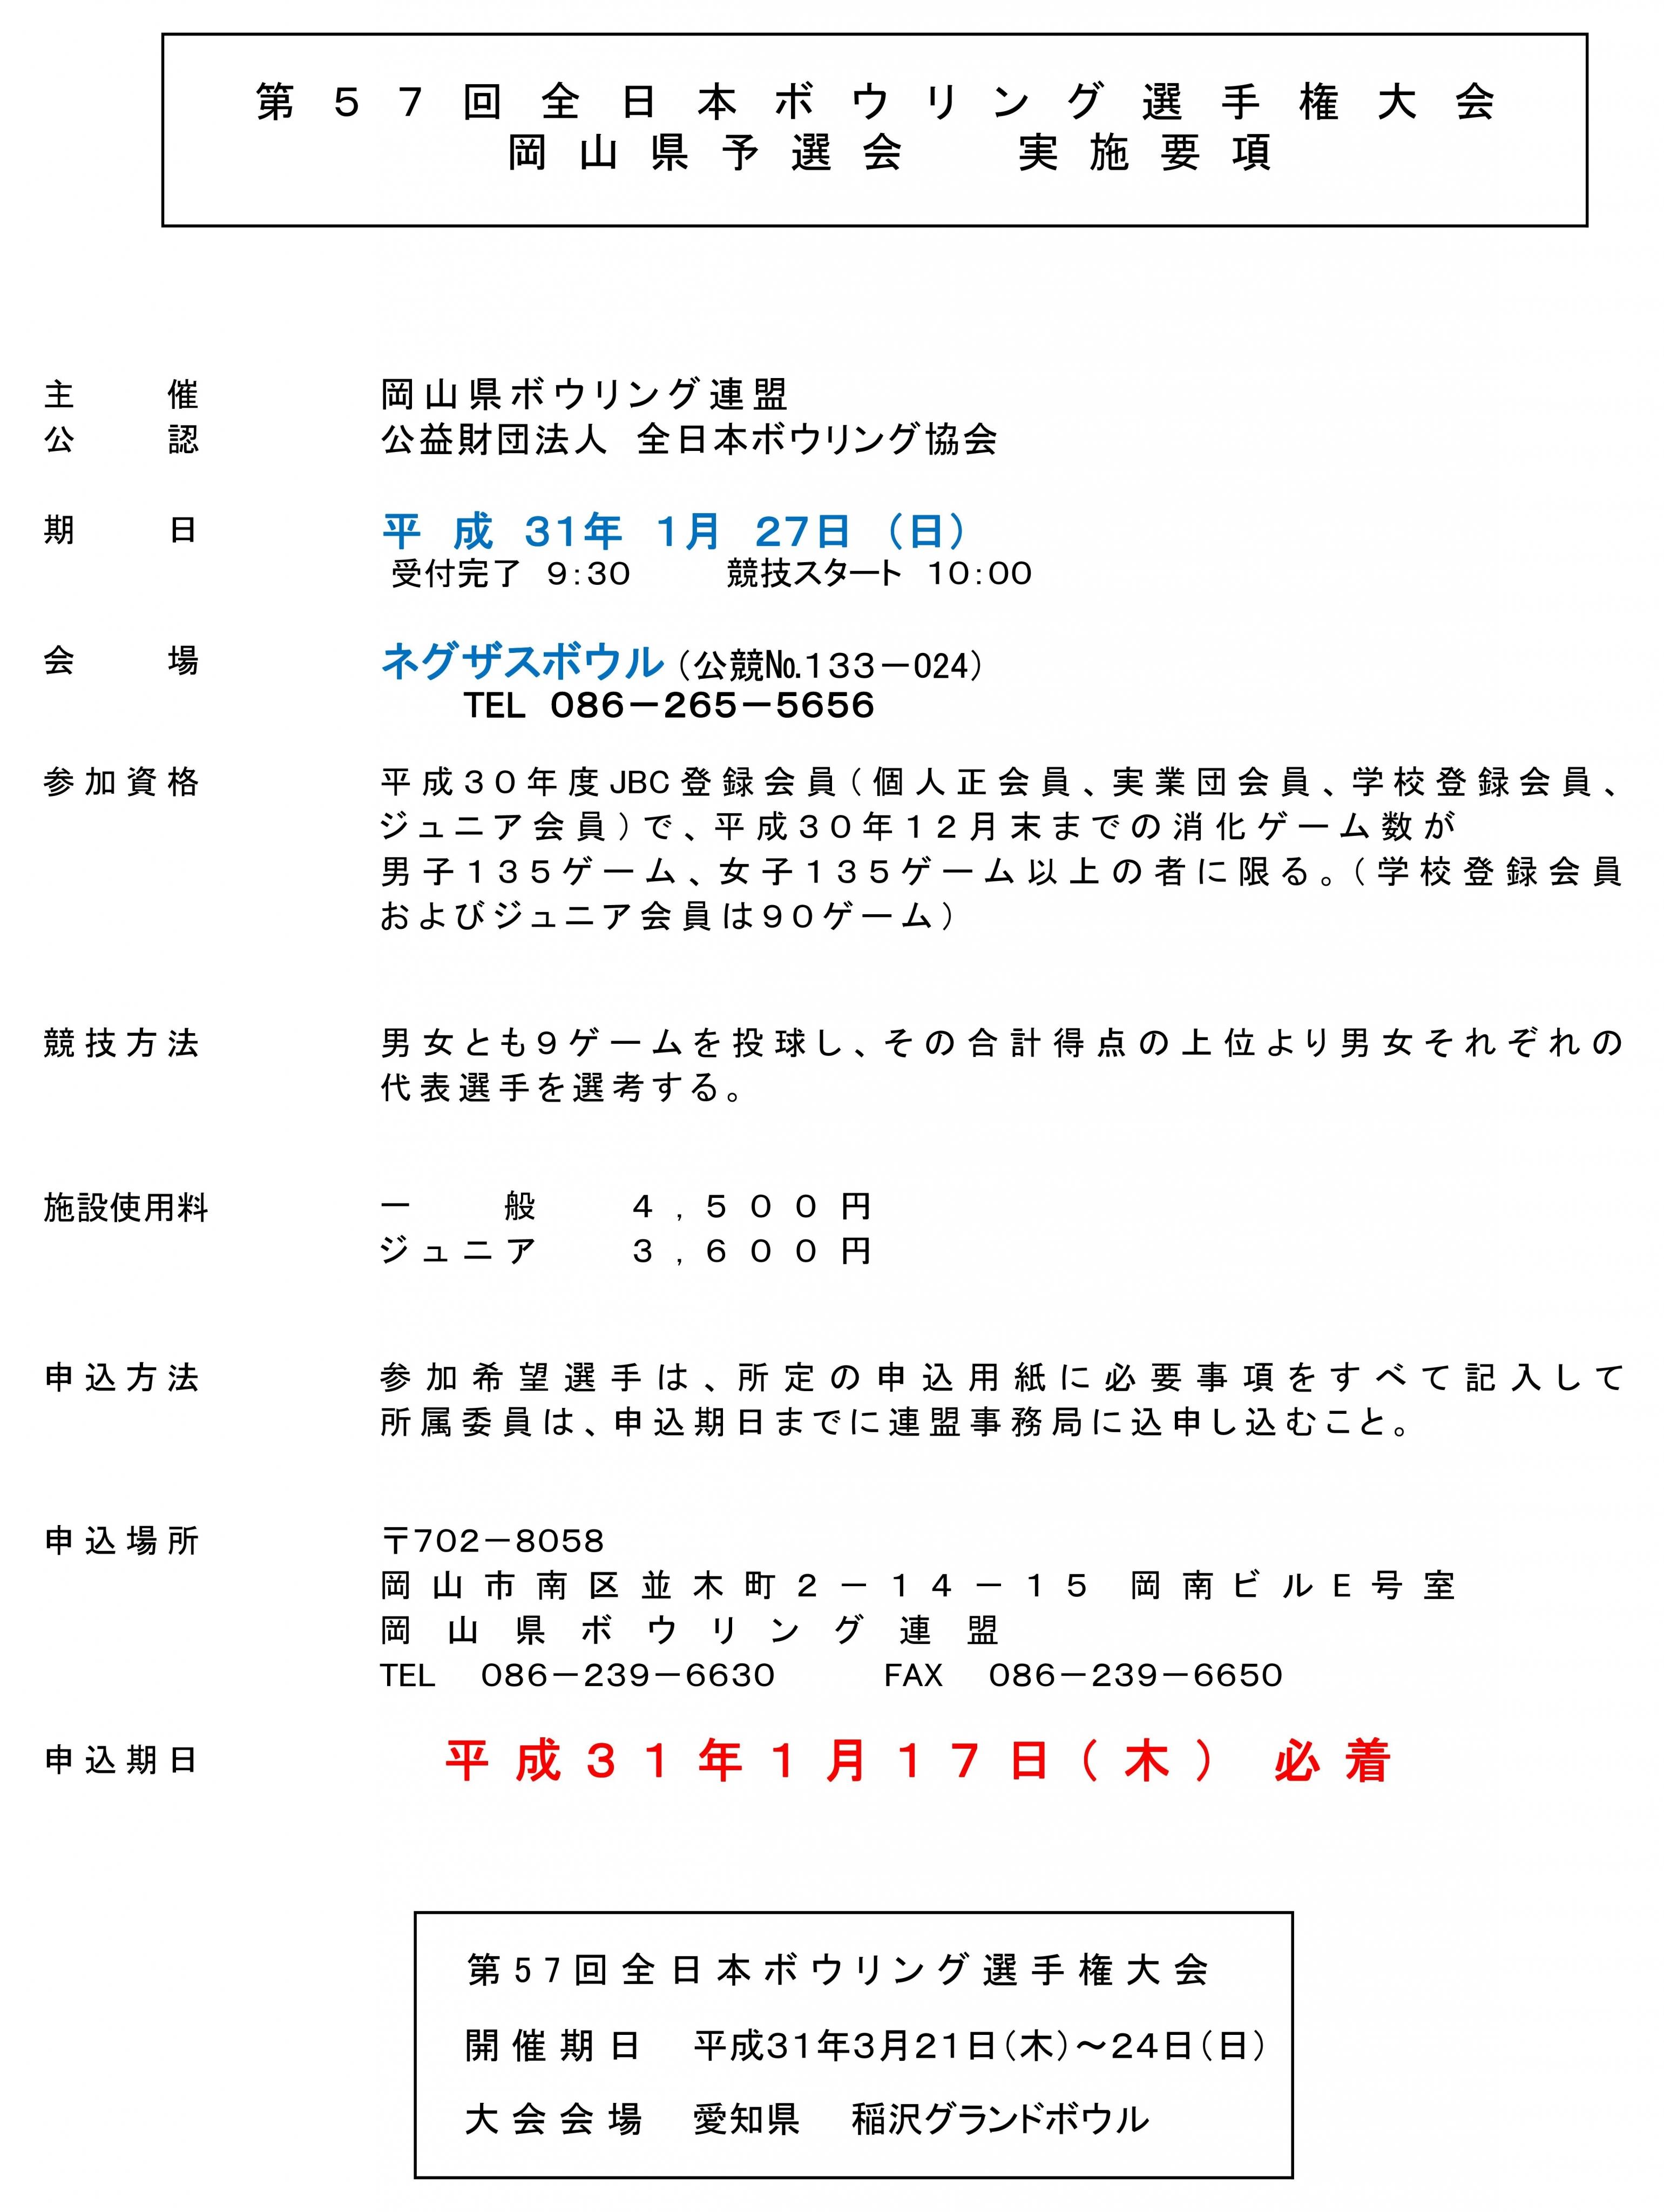 28.全日本選手権大会予選会.jpg